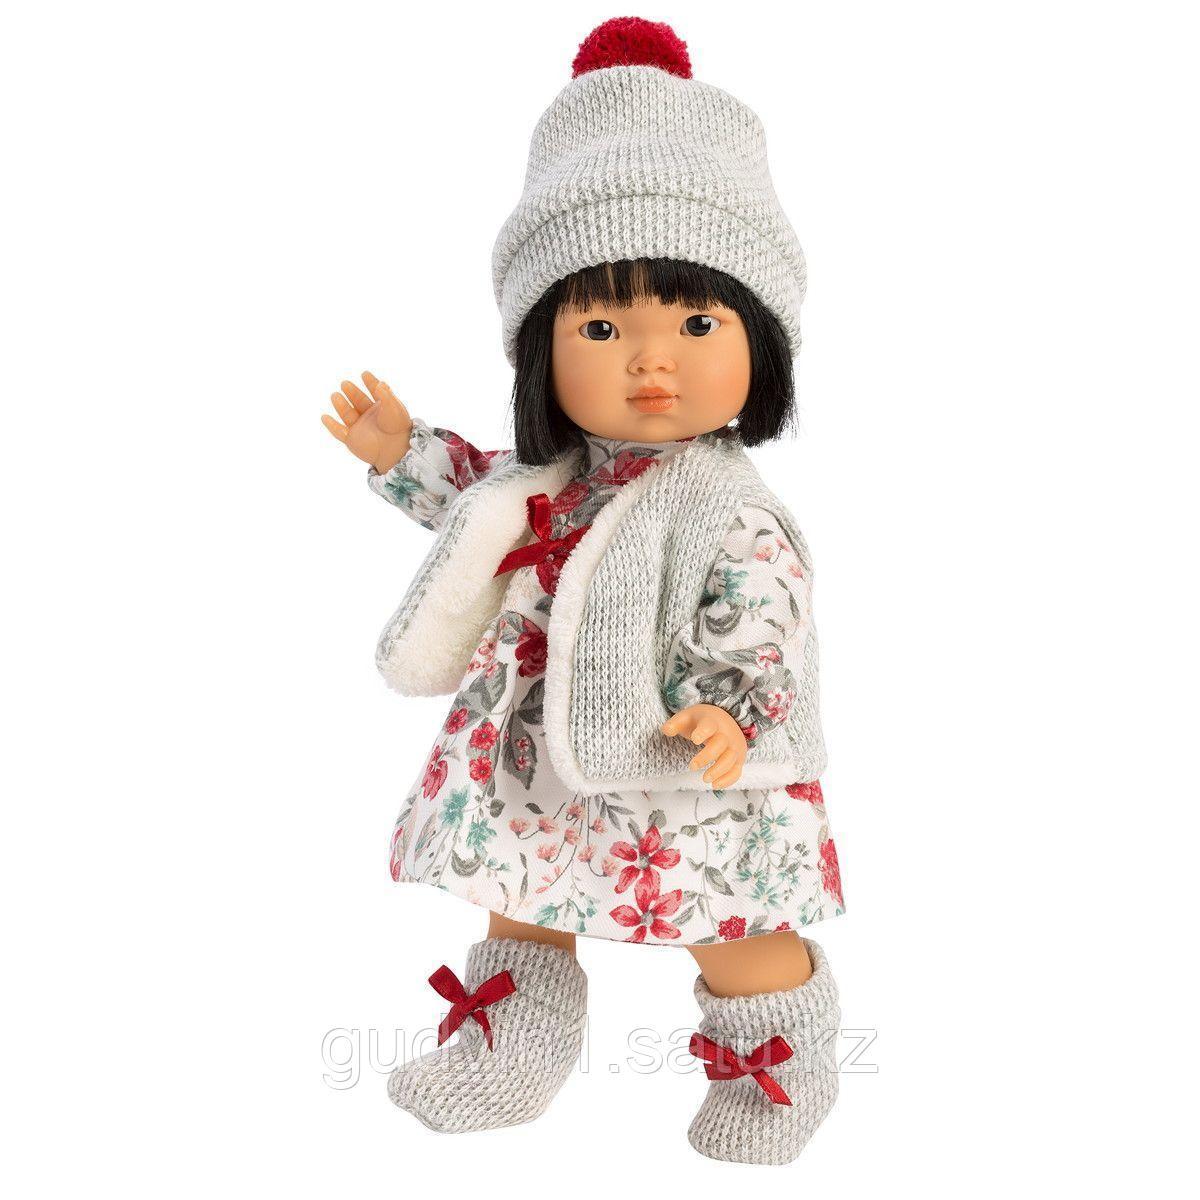 LLORENS: Кукла Лу 28см, азиатка в сером жилете и платье в цветочек 1102606